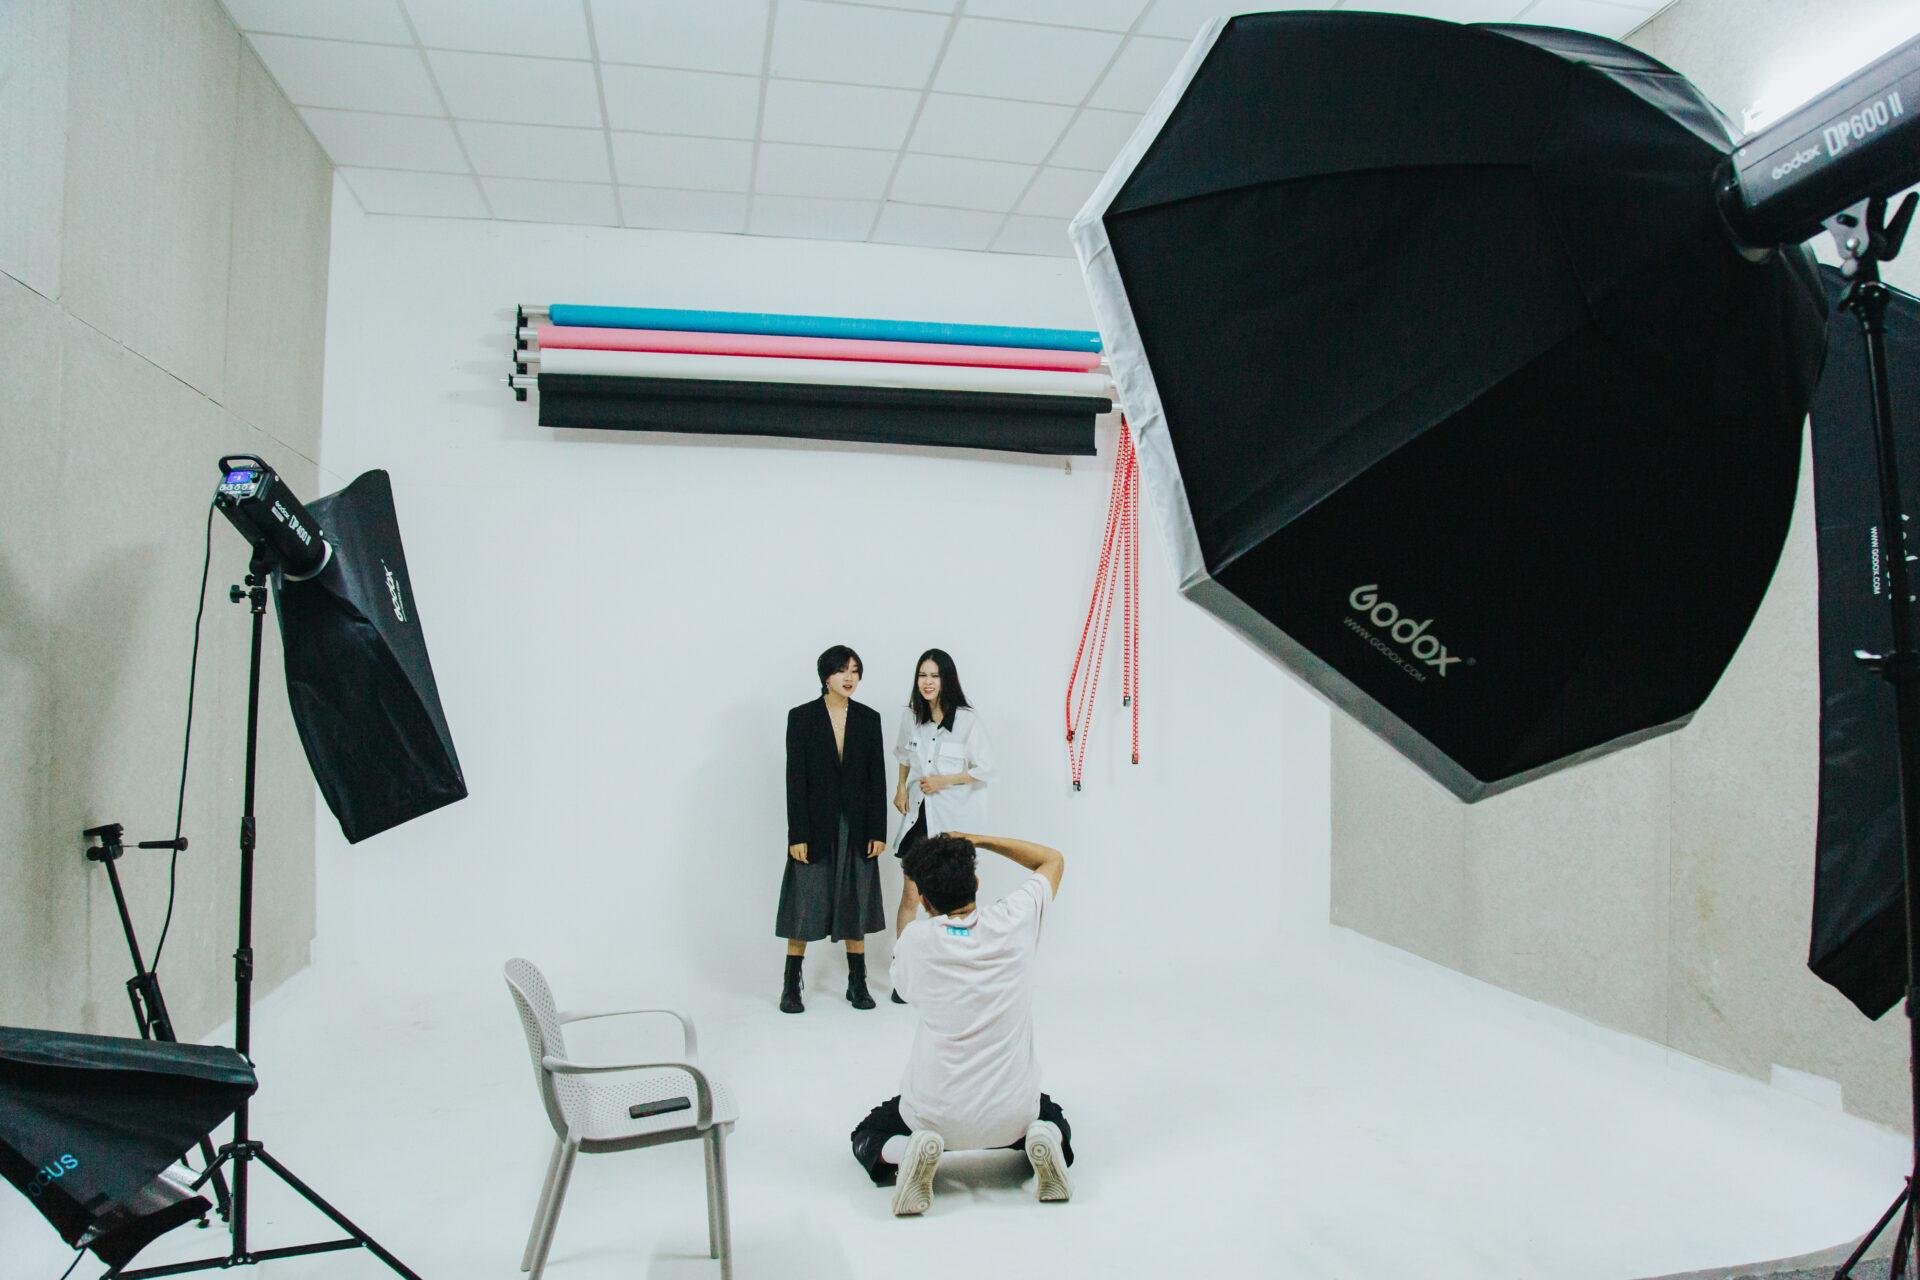 Chụp ảnh hậu trường studio